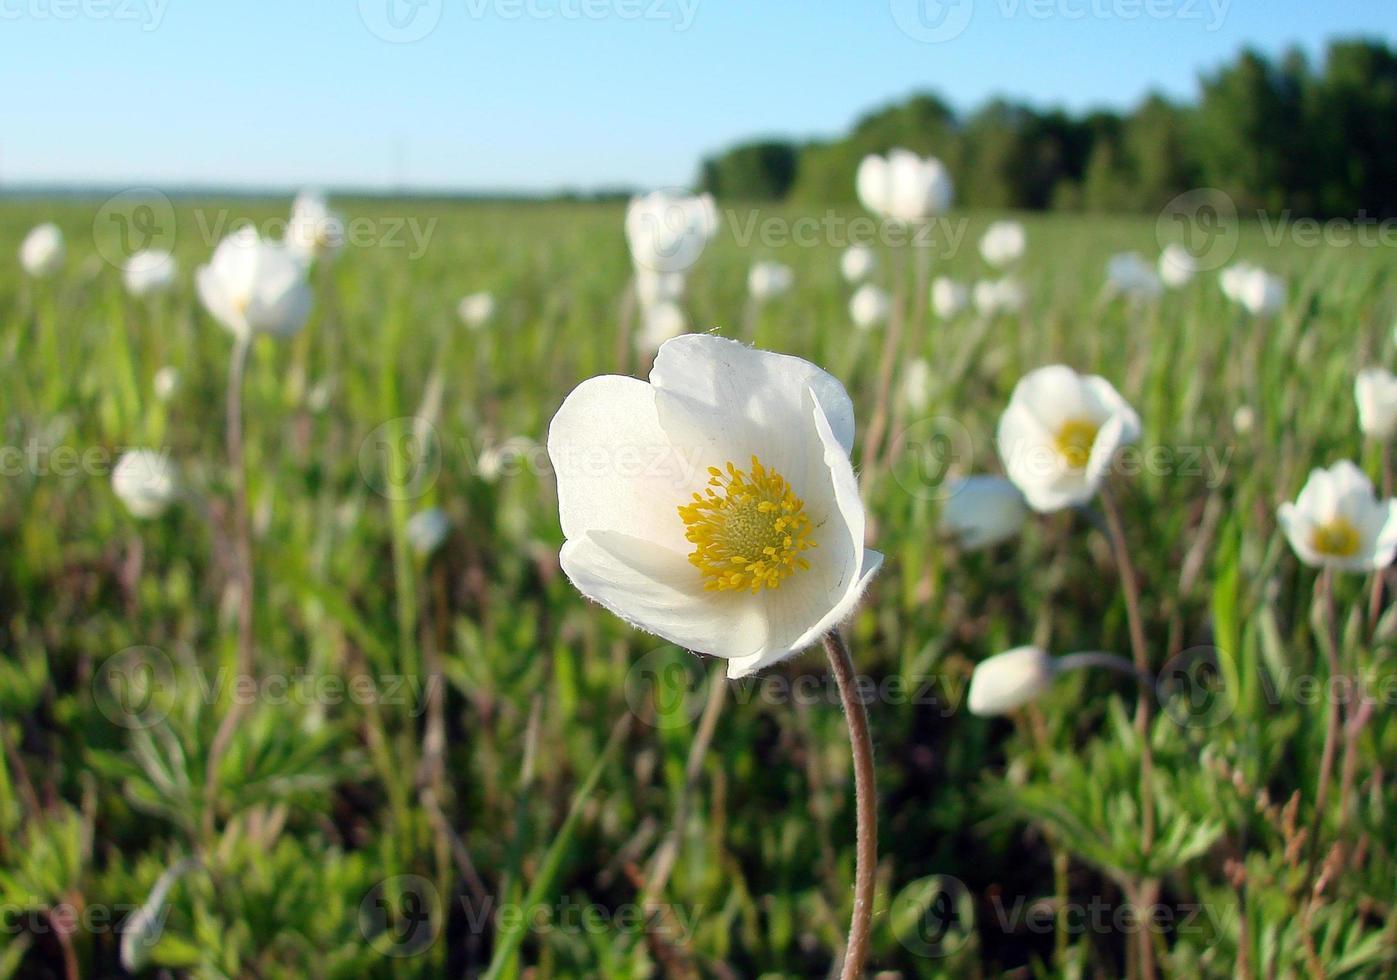 fiori ed erba foto